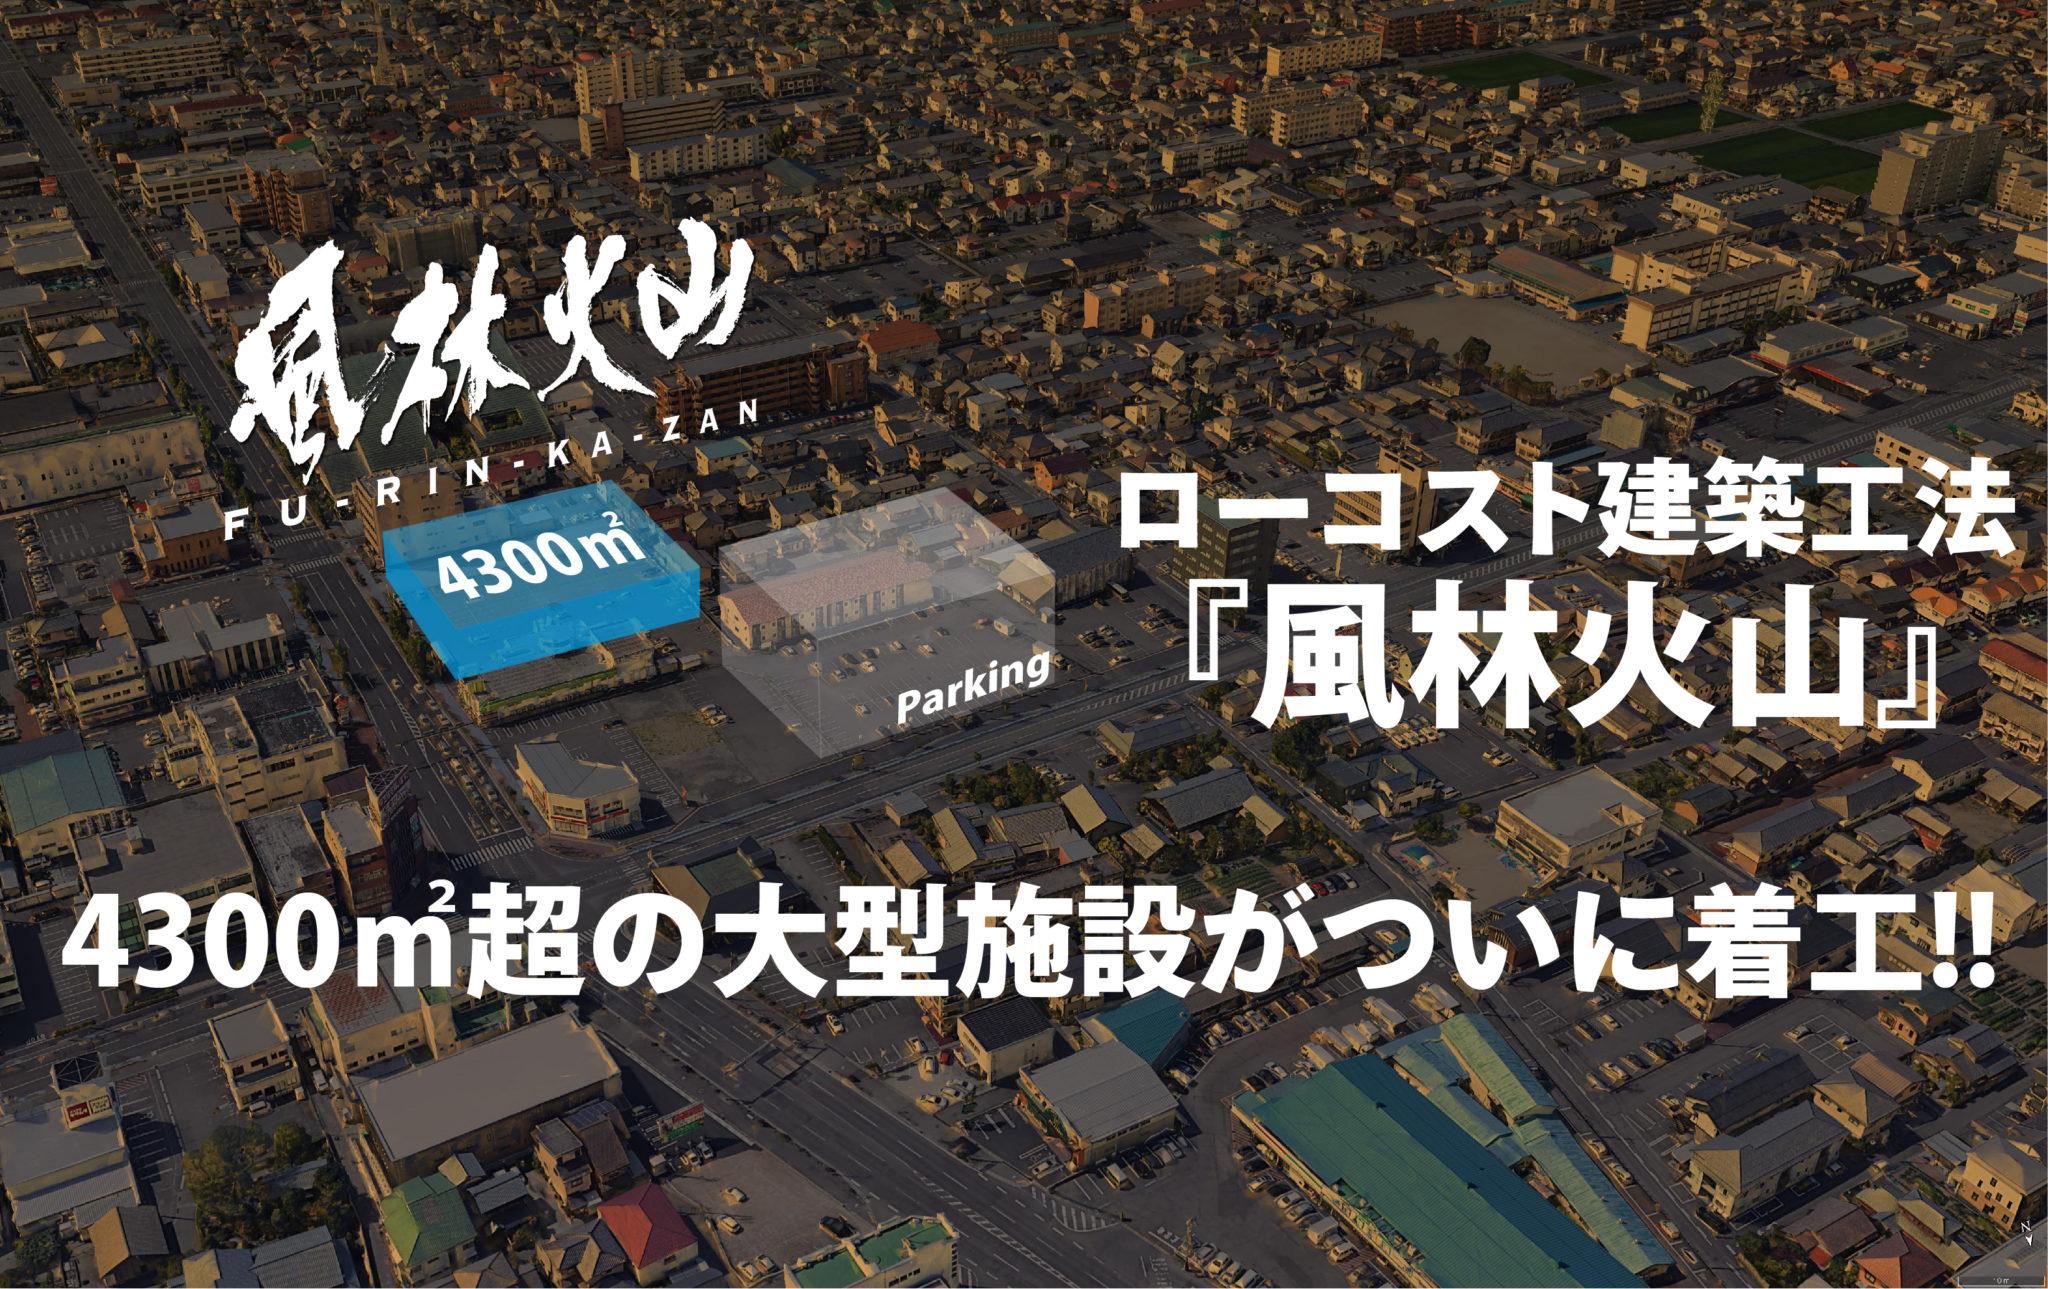 東京オデッセイ特許工法ローコスト建築『風林火山』4300平方メートル超の大型施設がついに着工となりました!